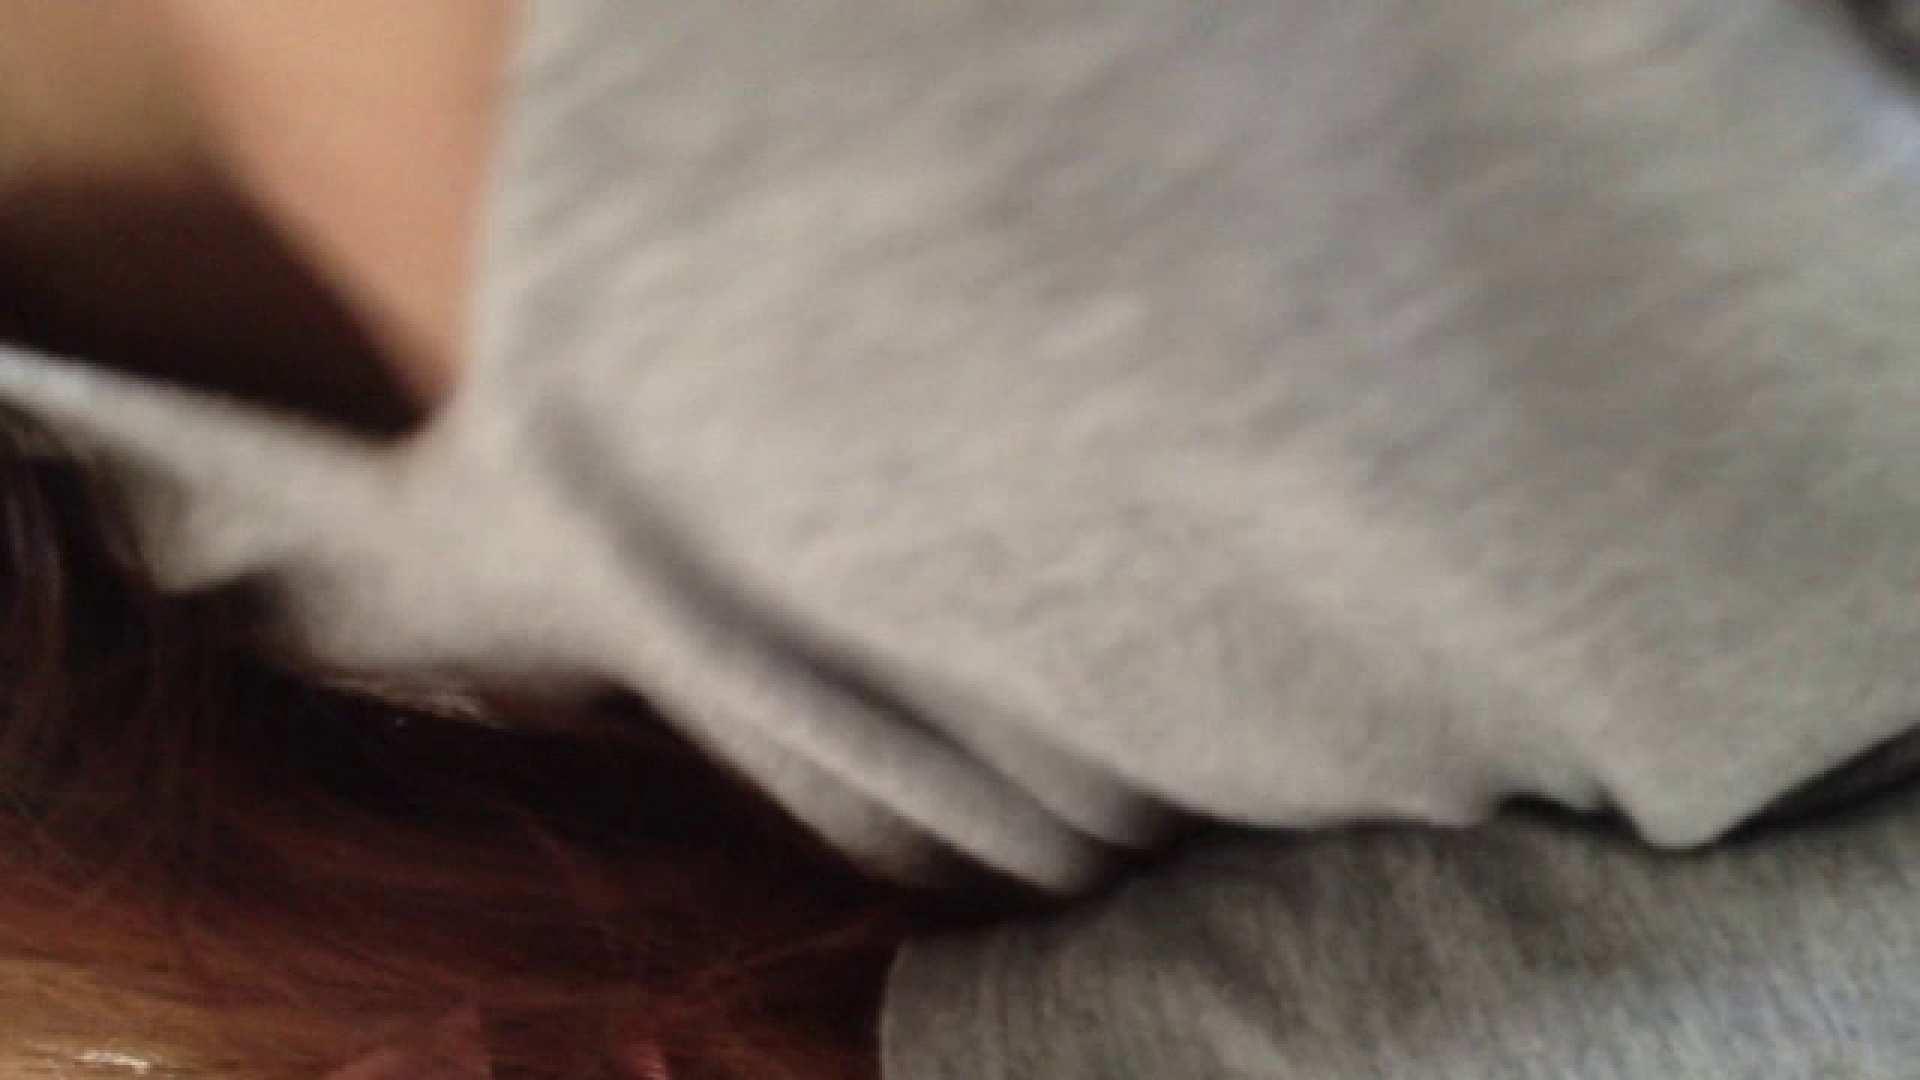 19(19日目)ハナウタでメイク中の彼女に悪戯 悪戯 | 一般投稿  86pic 61